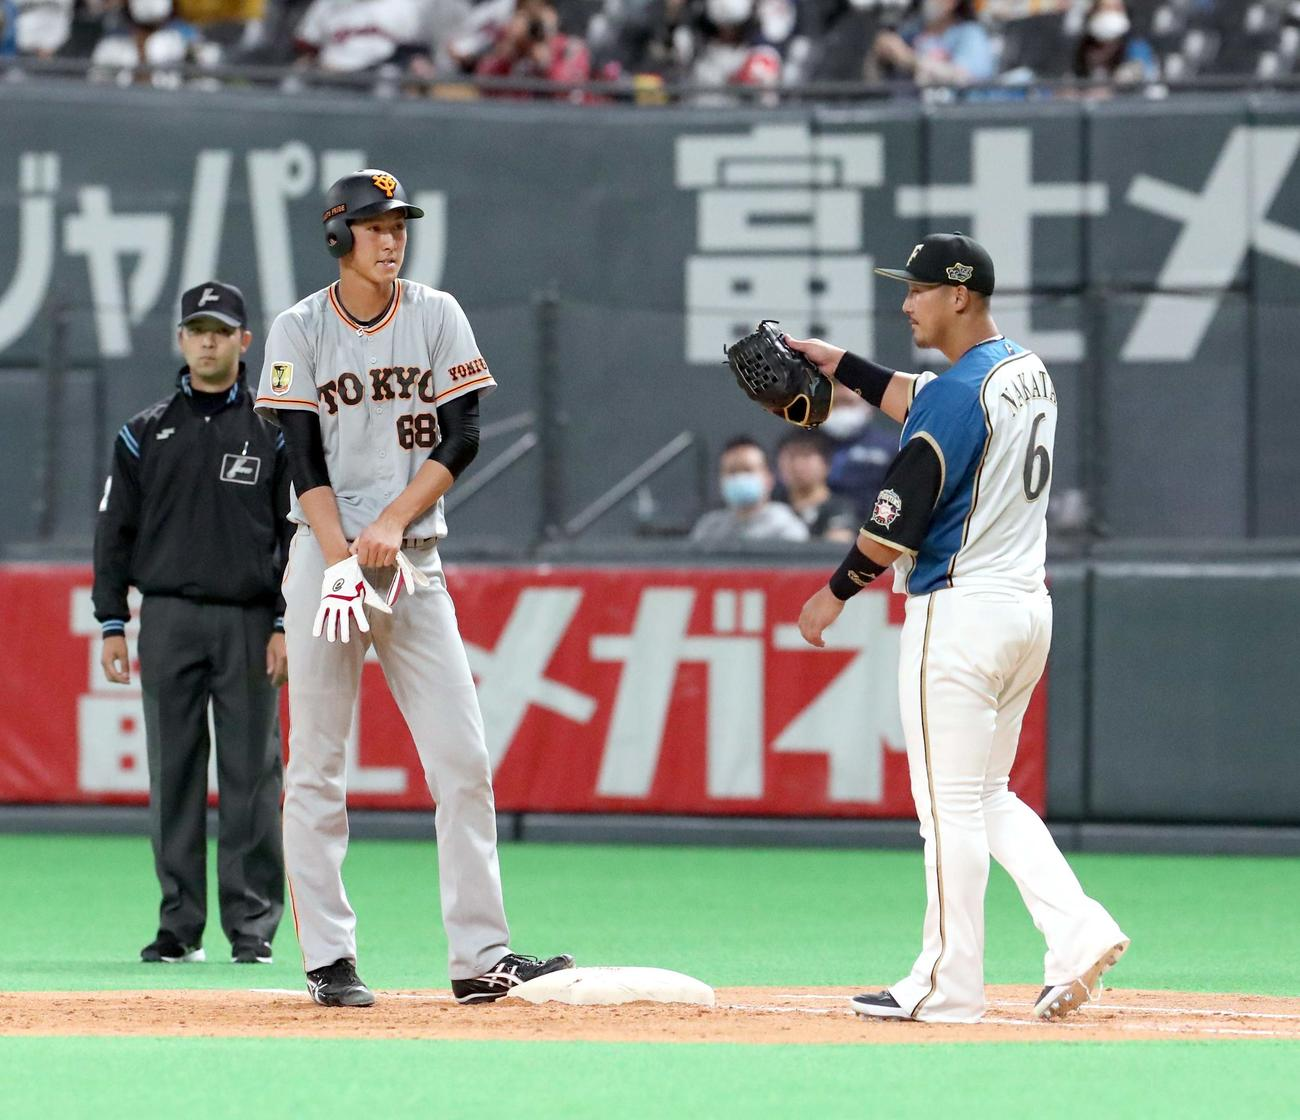 3月6日の日本ハム戦の5回表に、巨人秋広は右前打を放ち日本ハム一塁手の中田と言葉を交わす(撮影・佐藤翔太)